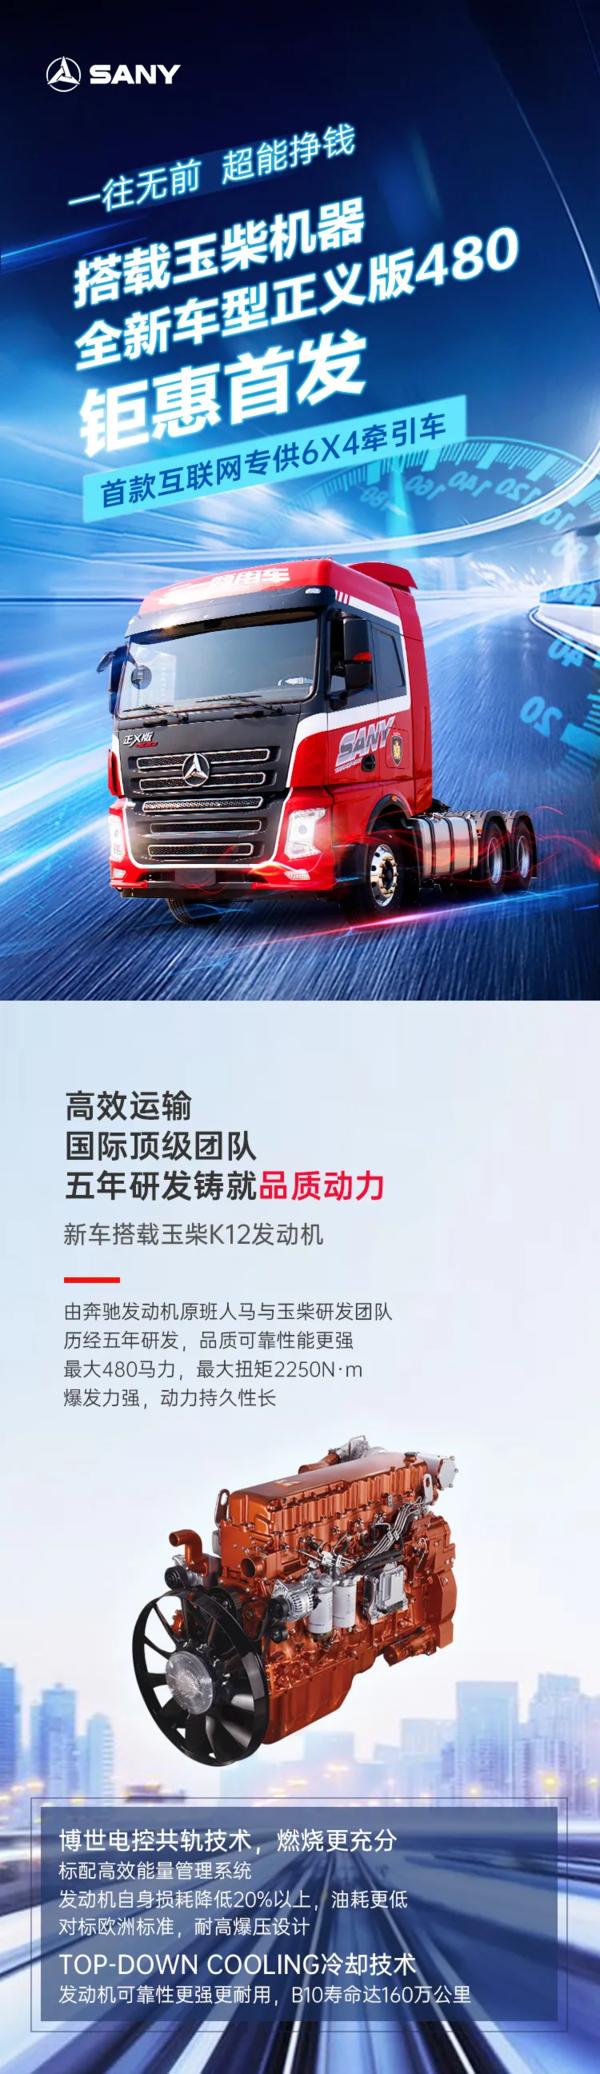 详解搭载玉柴燃油发动机的全新车型正义版480,如何超能挣钱?